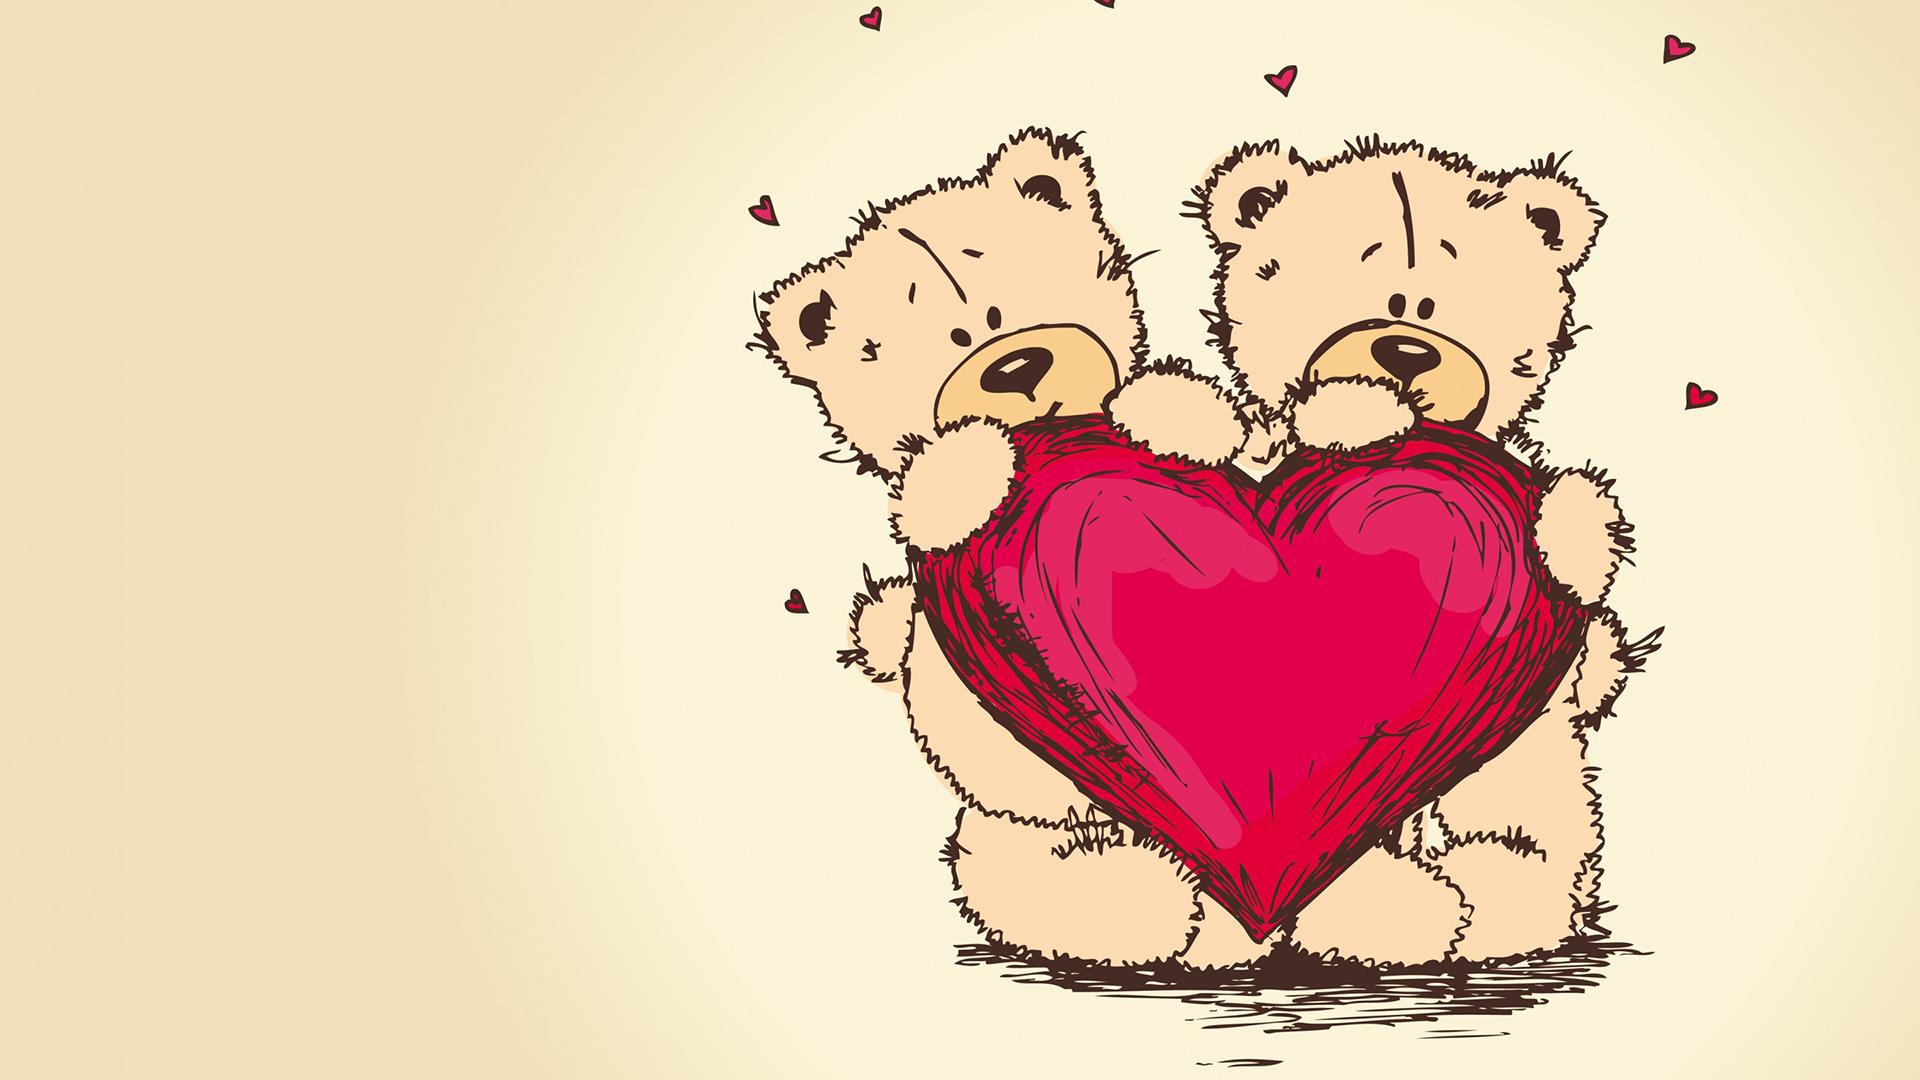 Teddy bear with love heart